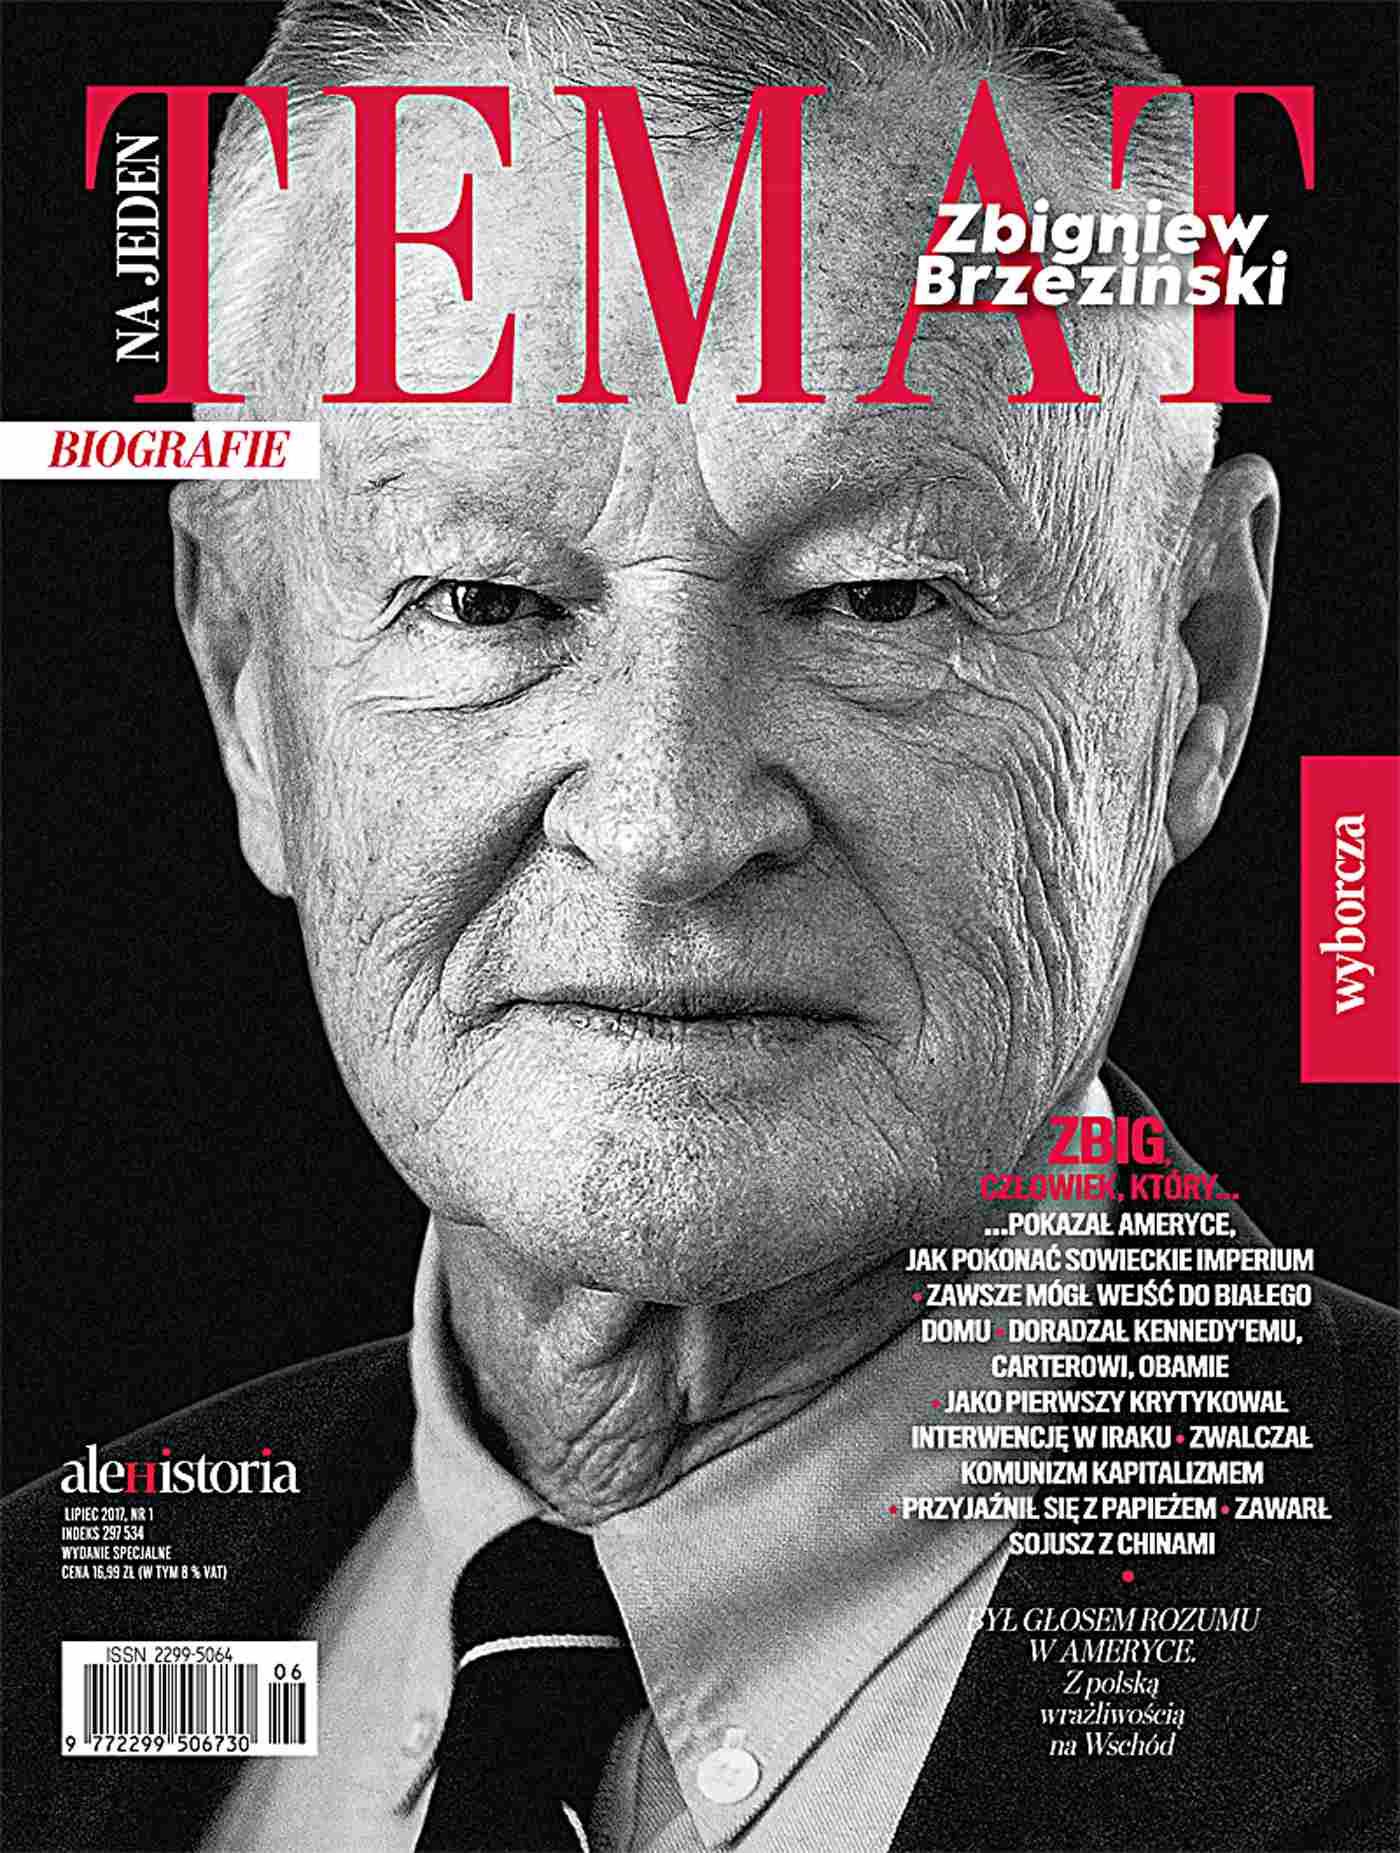 Ale Historia. Na jeden temat. Zbigniew Brzezinski 1/2017 - Ebook (Książka EPUB) do pobrania w formacie EPUB